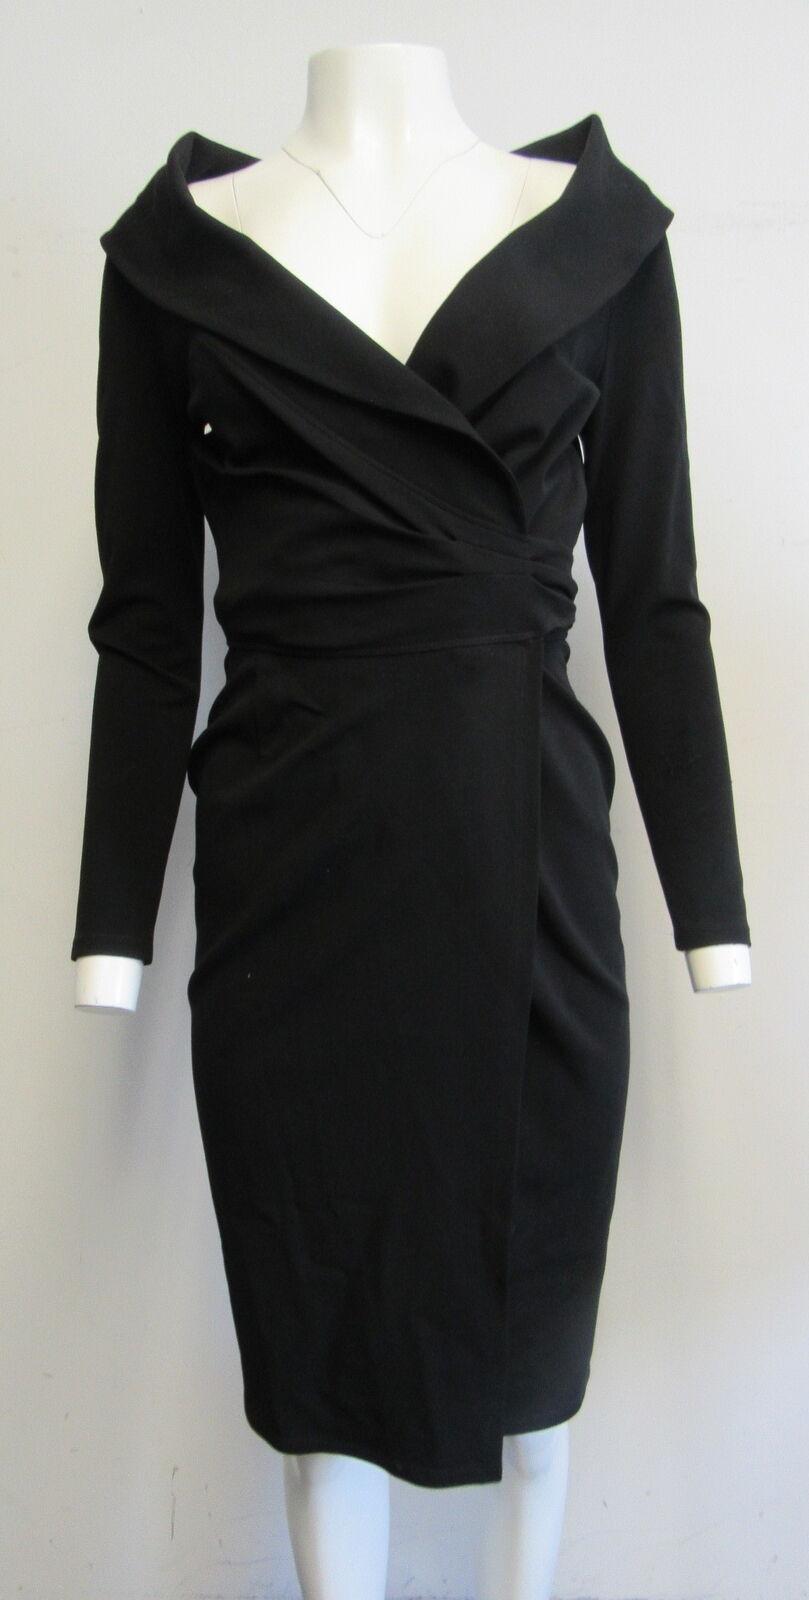 LAFAYETTE 148 schwarz stretch straight wrap dress with overGrößed collar sz 2